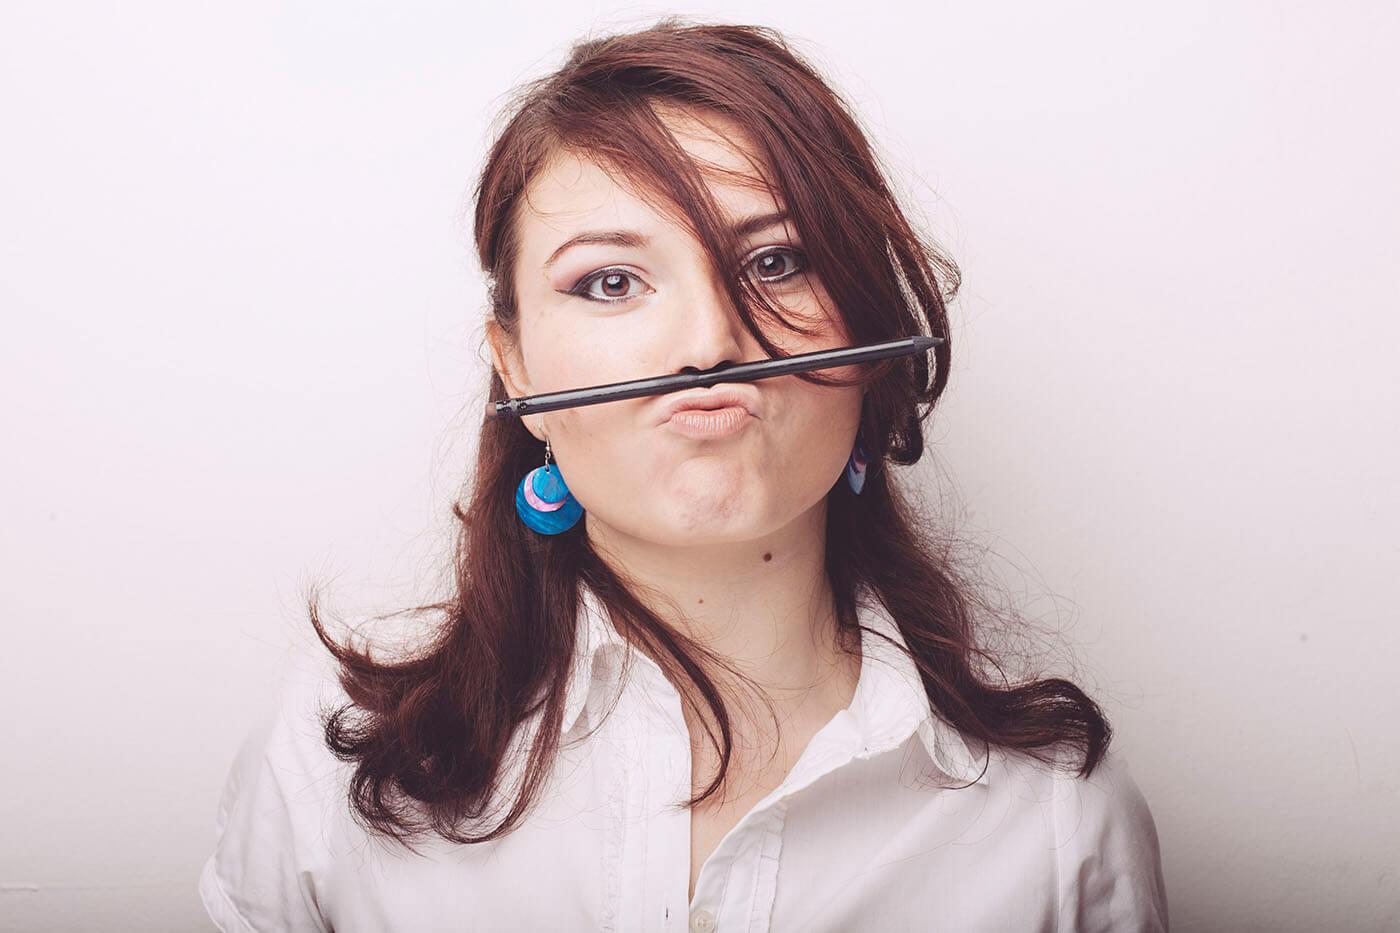 amour, travail, relation, couple, entreprise, partenaire, boulot, job, compagne, compagnon, vie privée, vie professionnelle, employeur, collègue